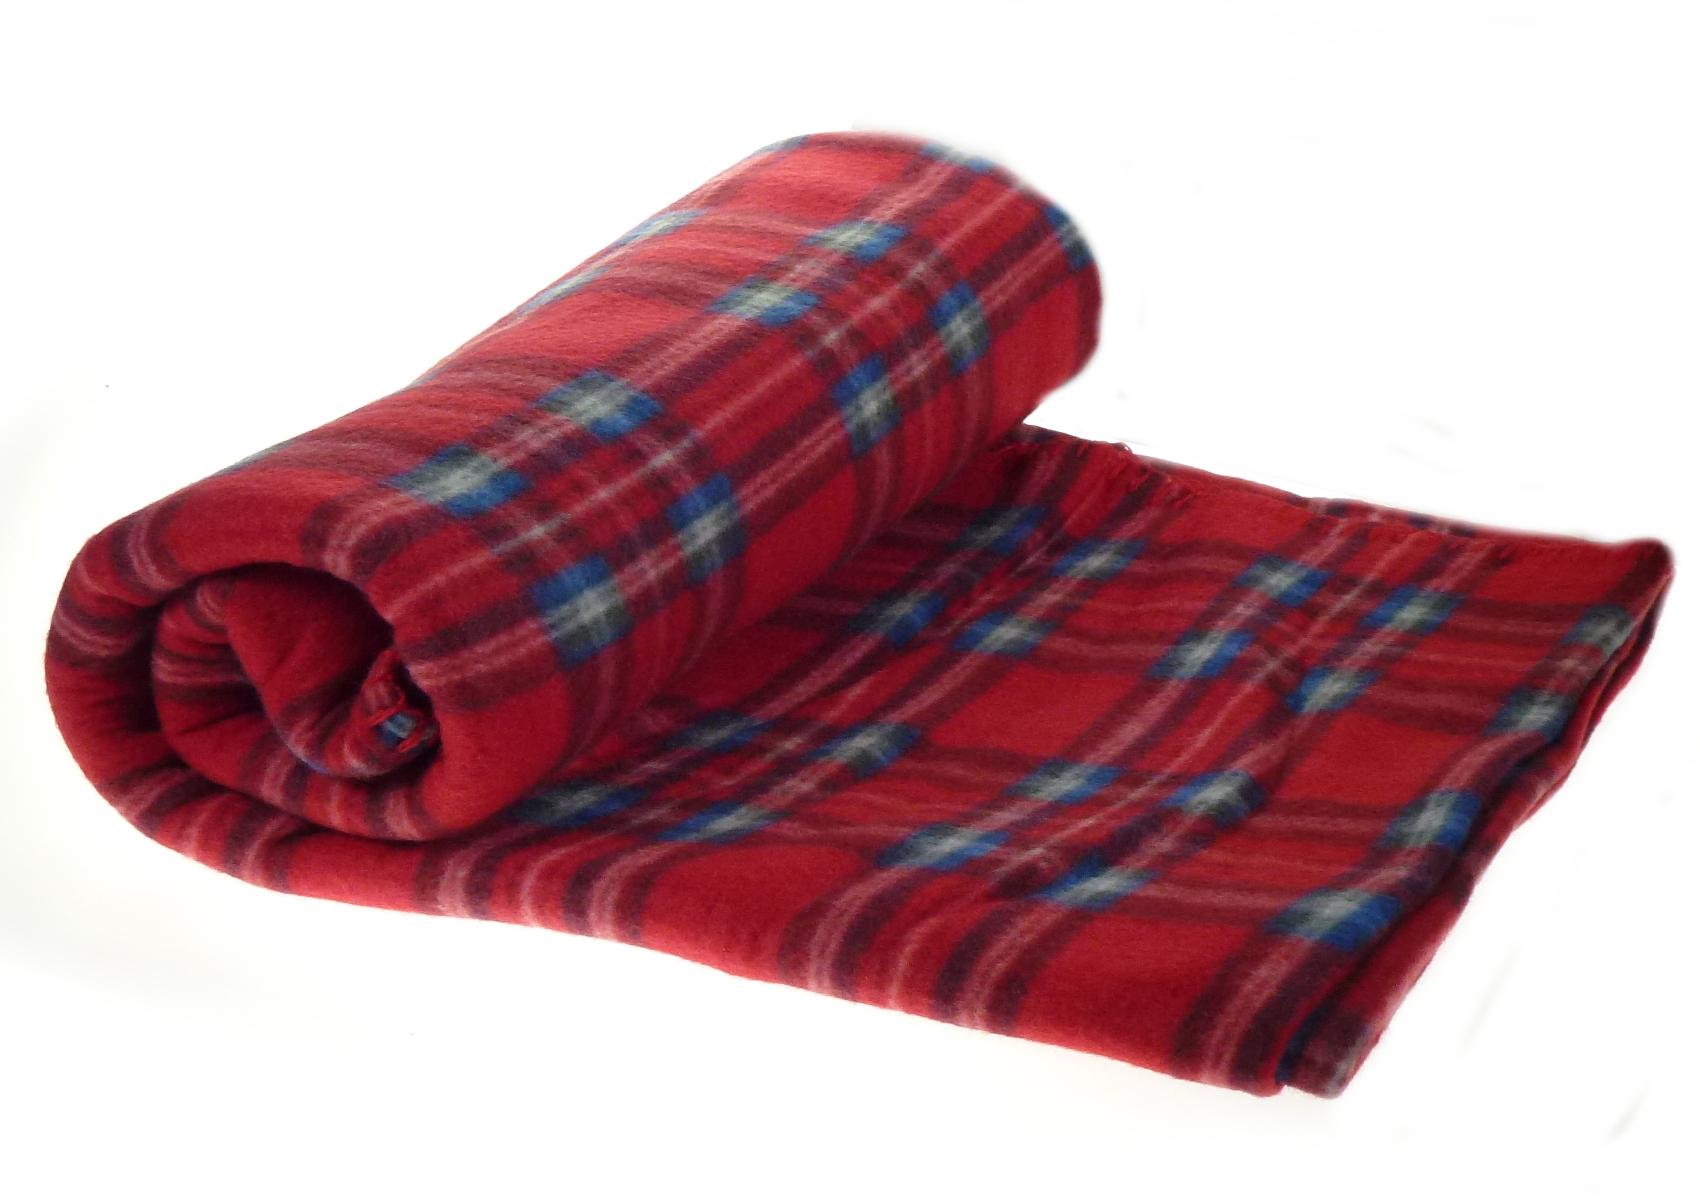 100 polyester sofa throws clroom soft polar fleece checked blanket tartan check bed